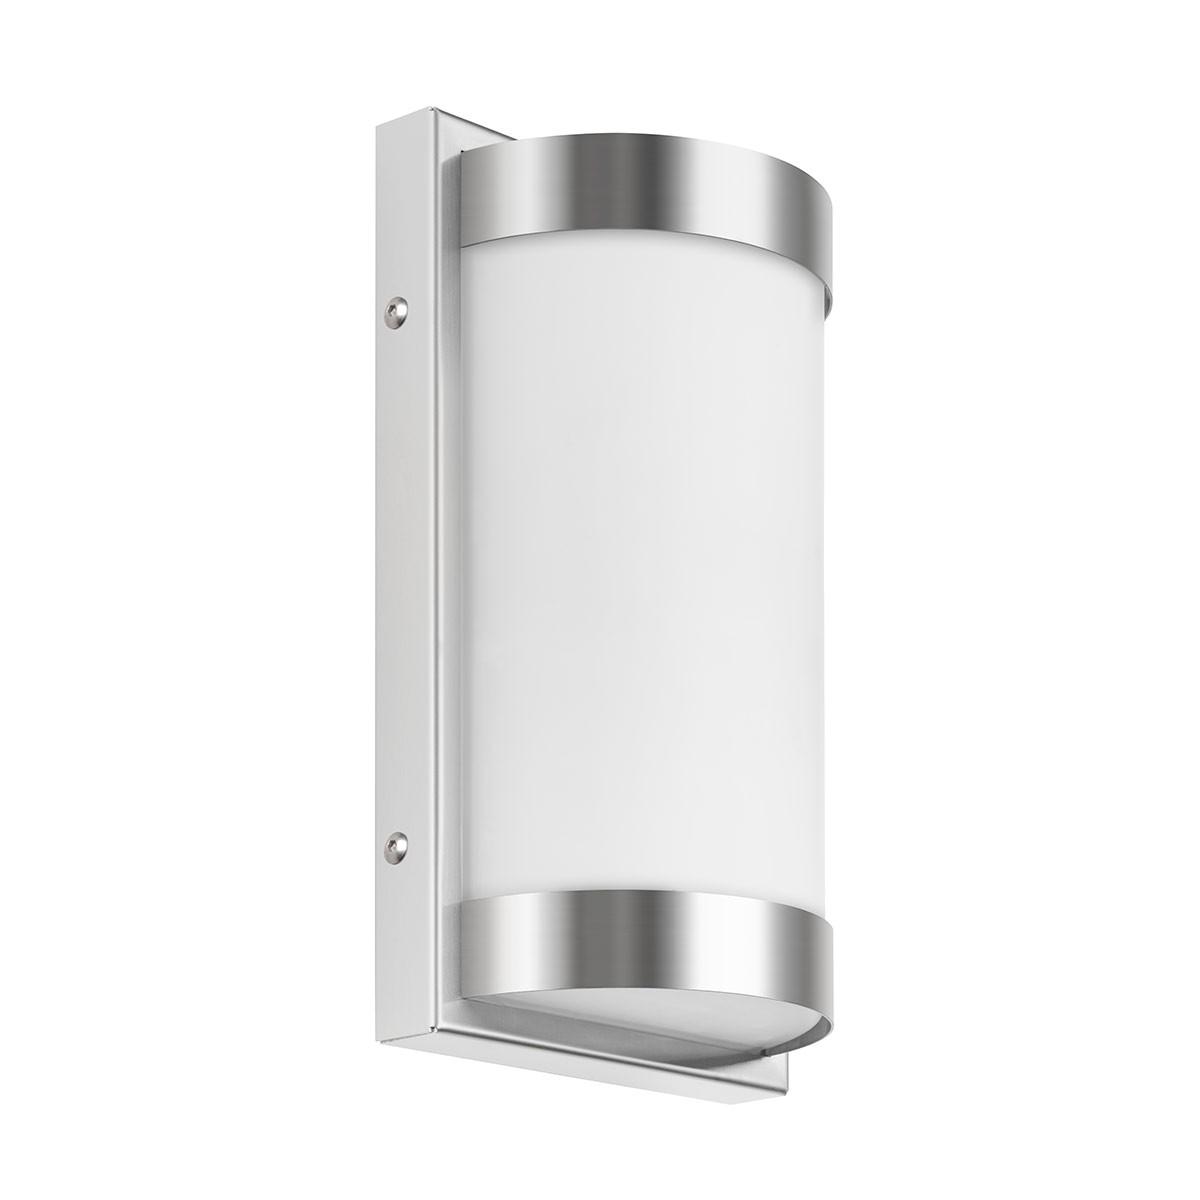 Hervorragend LCD Außenleuchten 041 Wandleuchte | Leuchtenland.com XK47